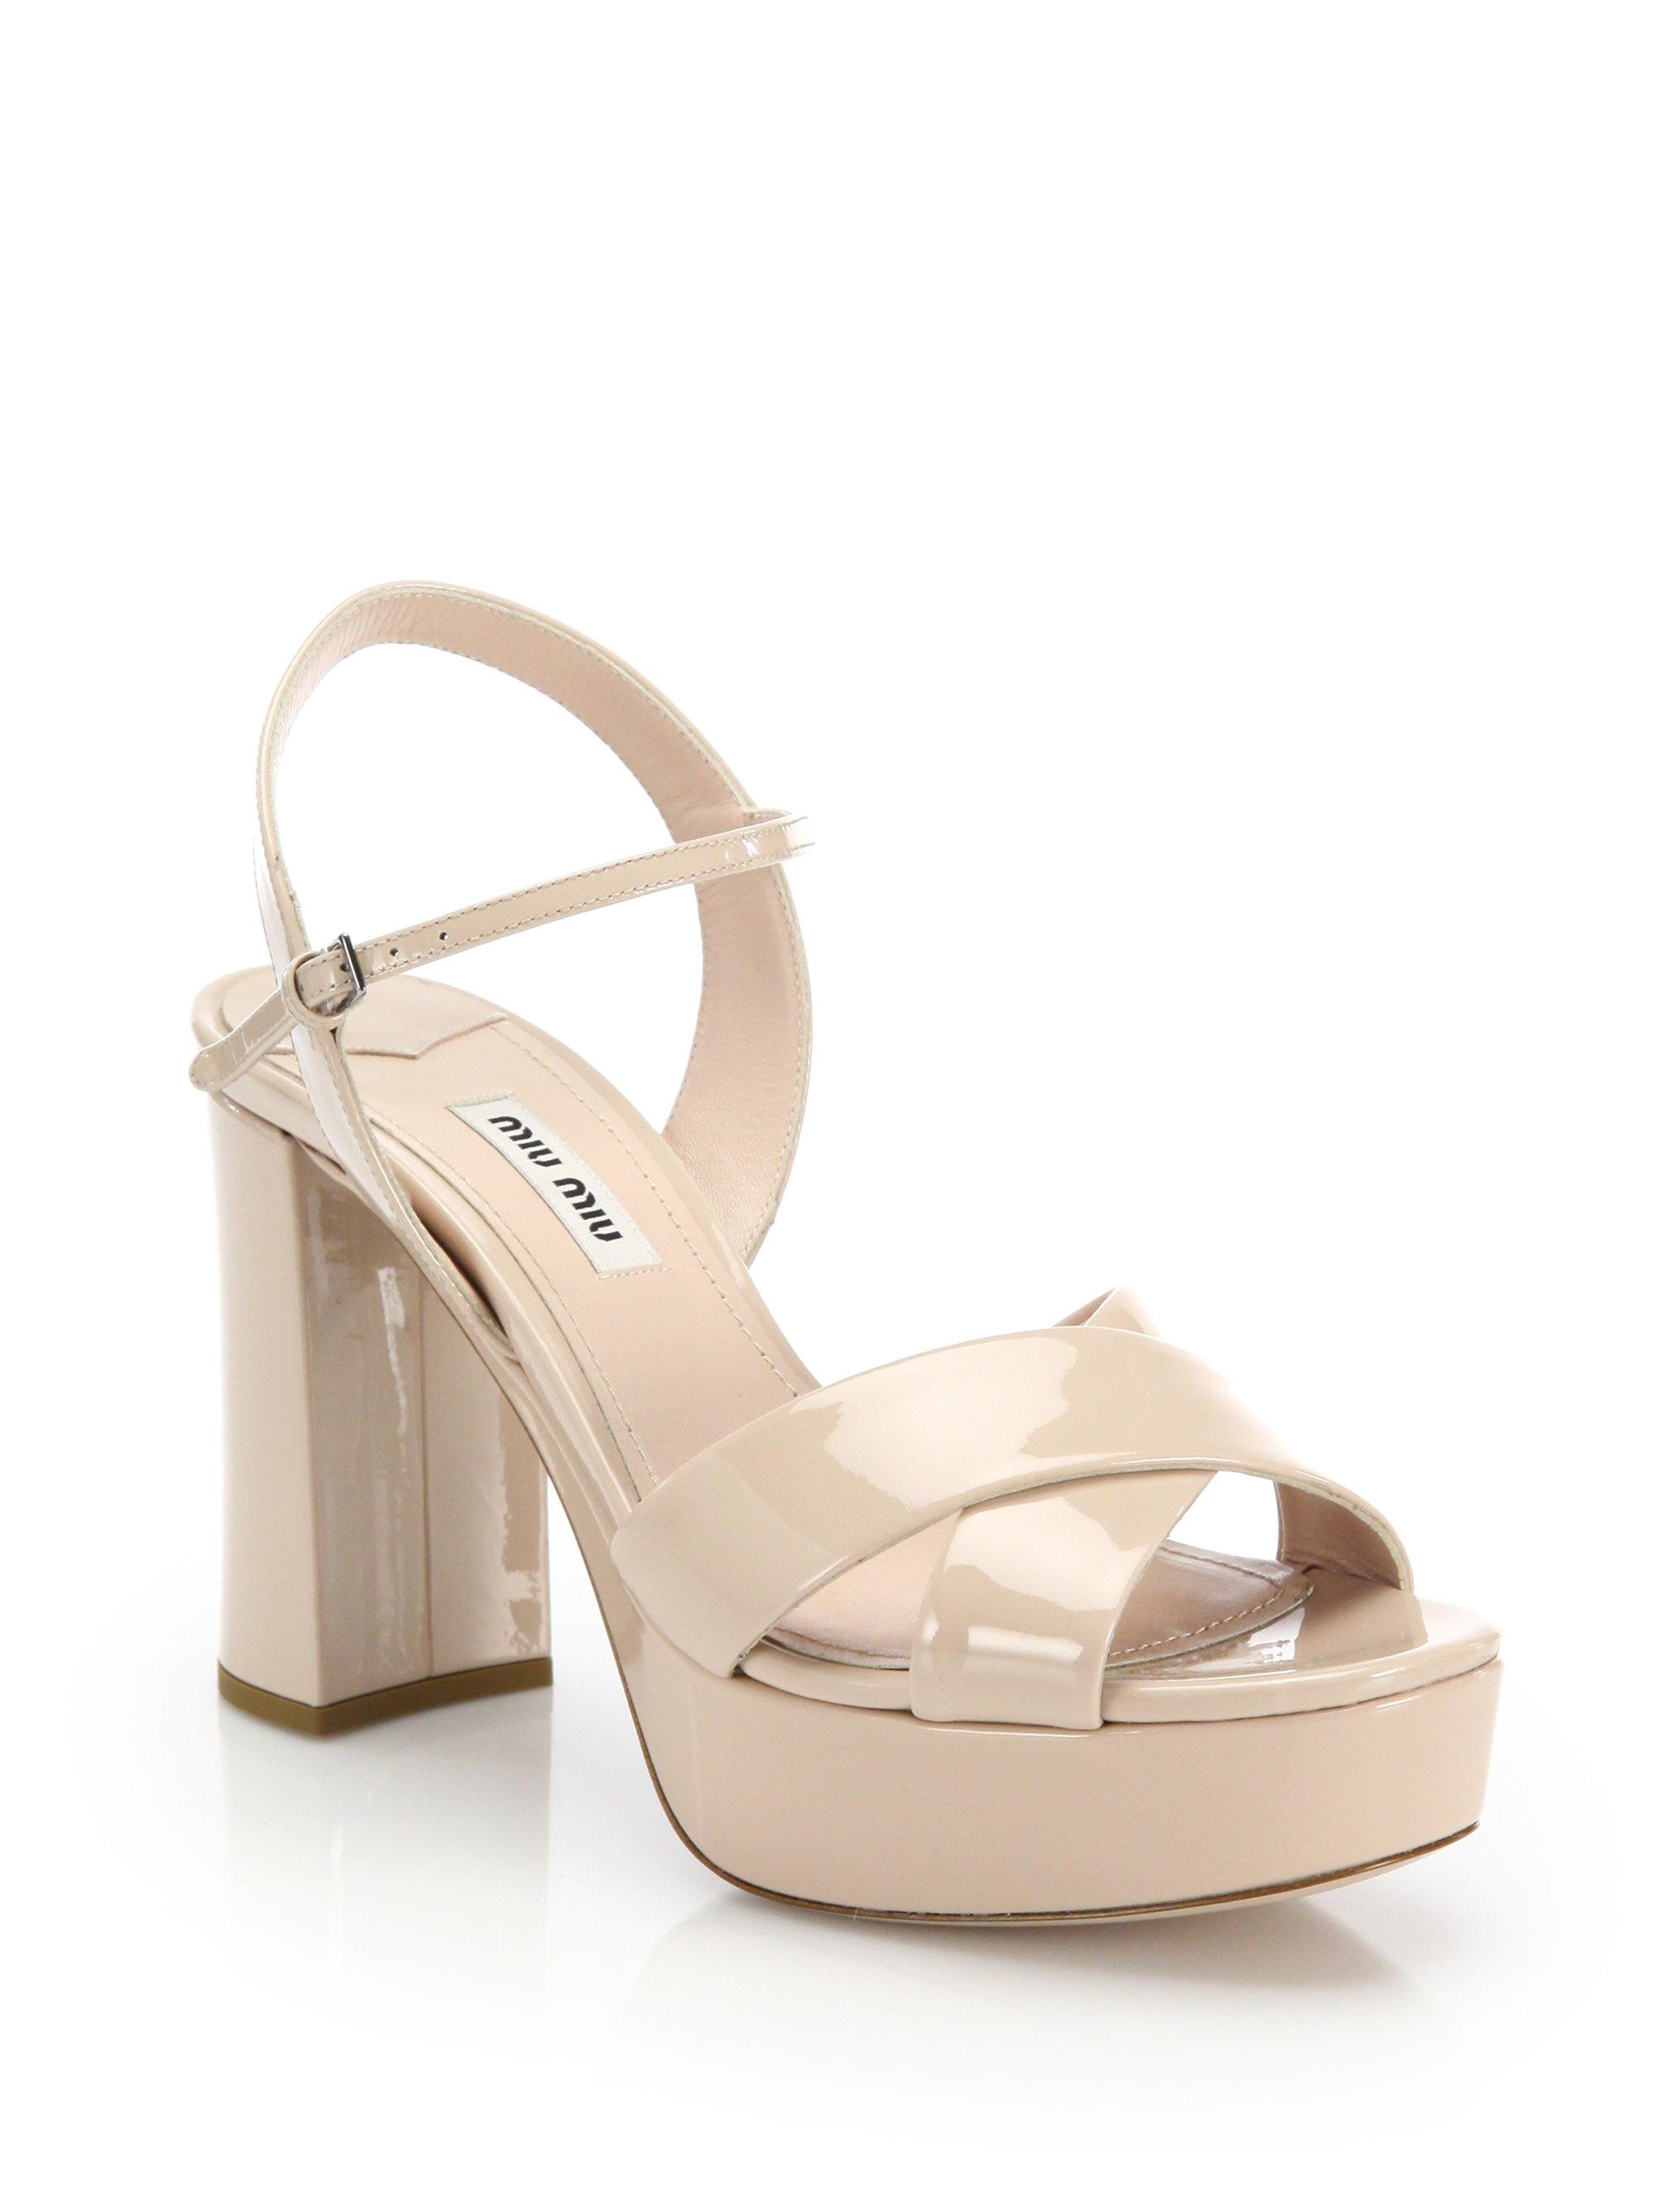 68610d8bd94 Lyst - Miu Miu Crisscross Patent Platform Sandals in Natural